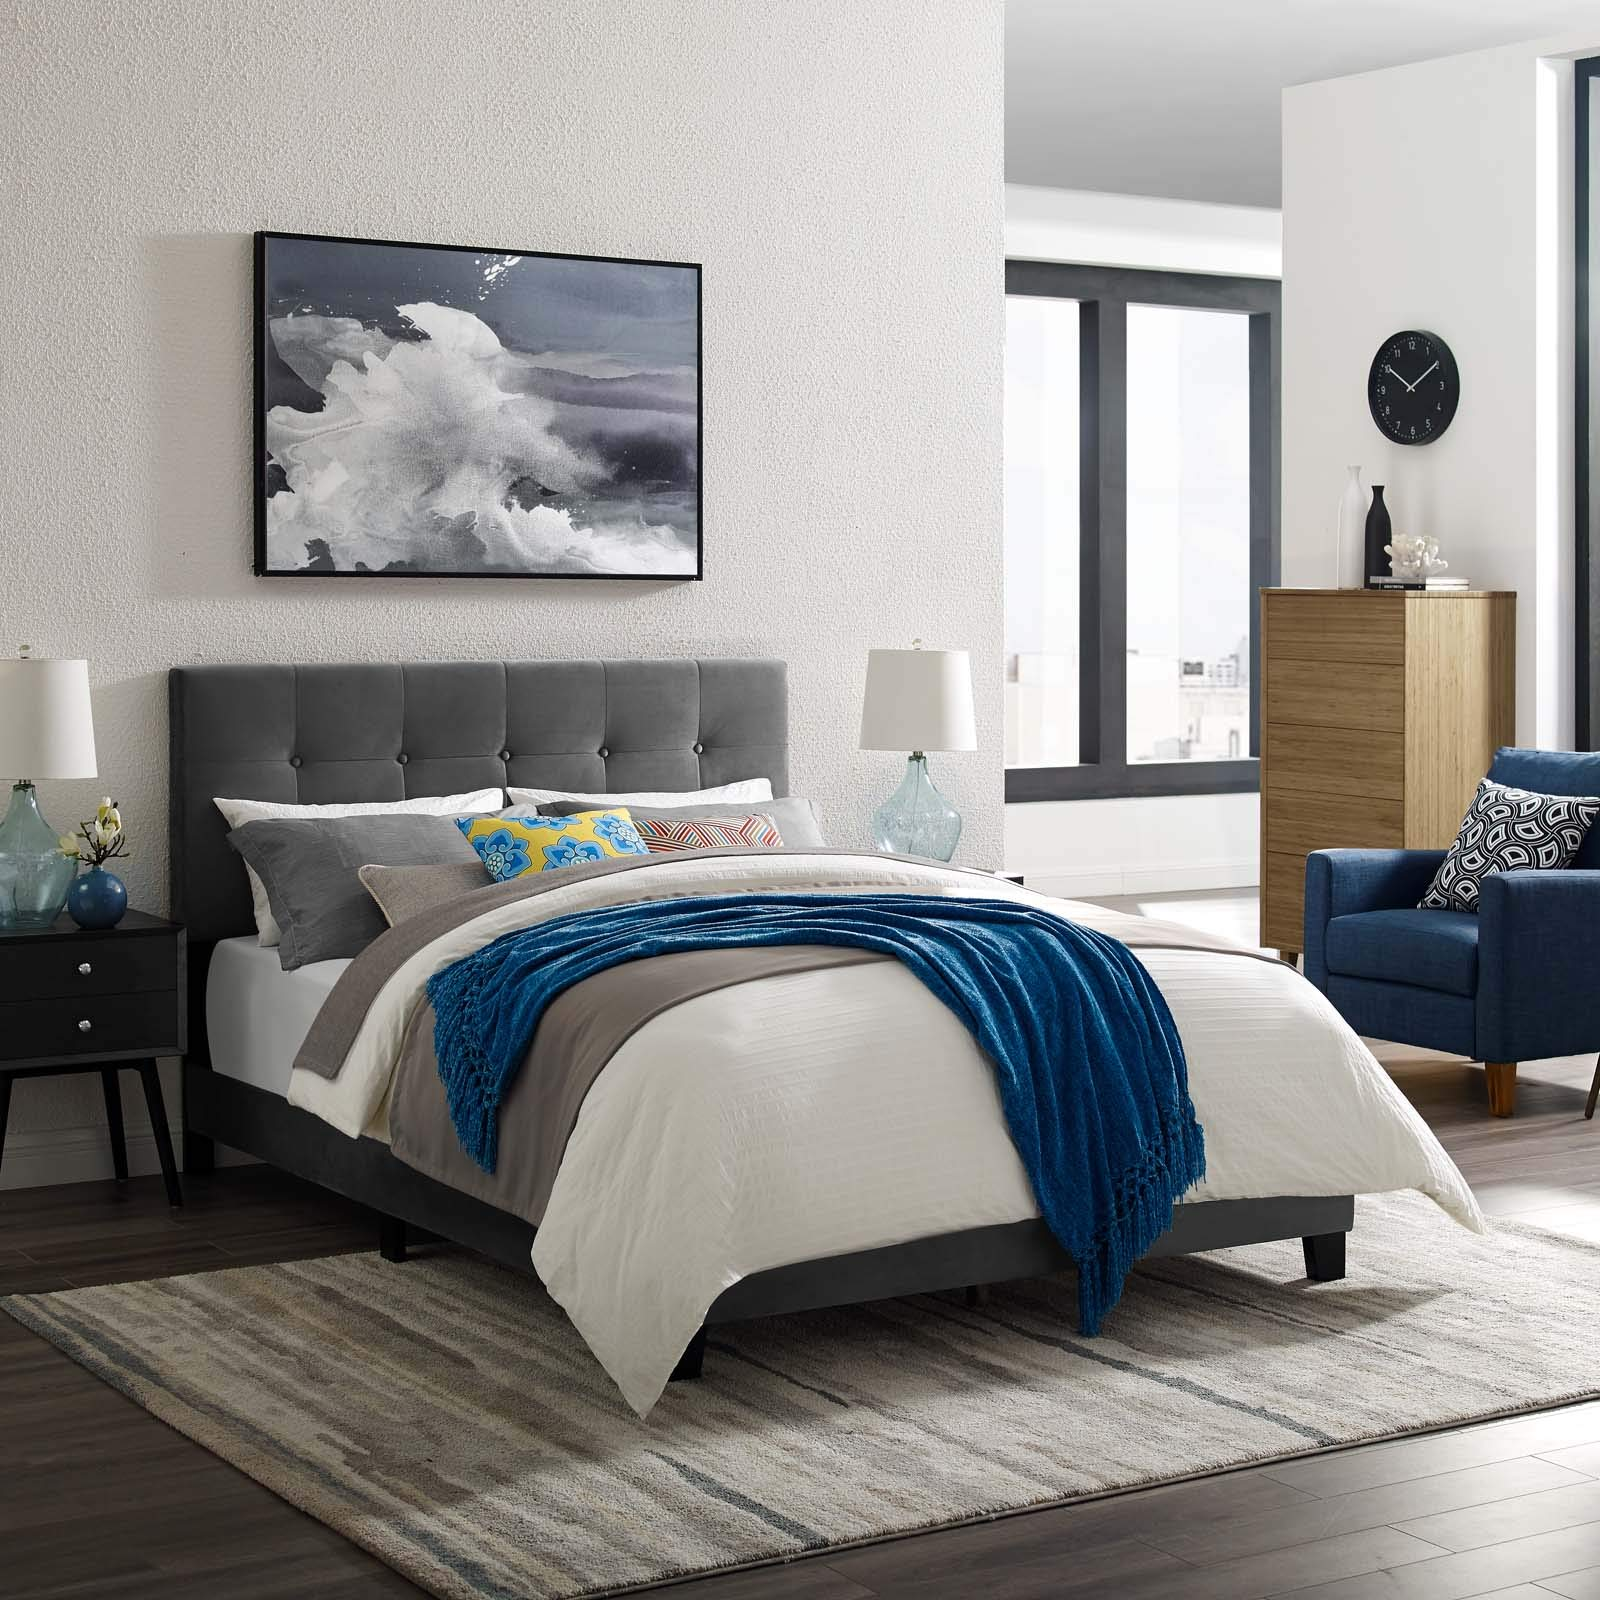 Modway Amira Full Upholstered Velvet Bed, Gray by Modway